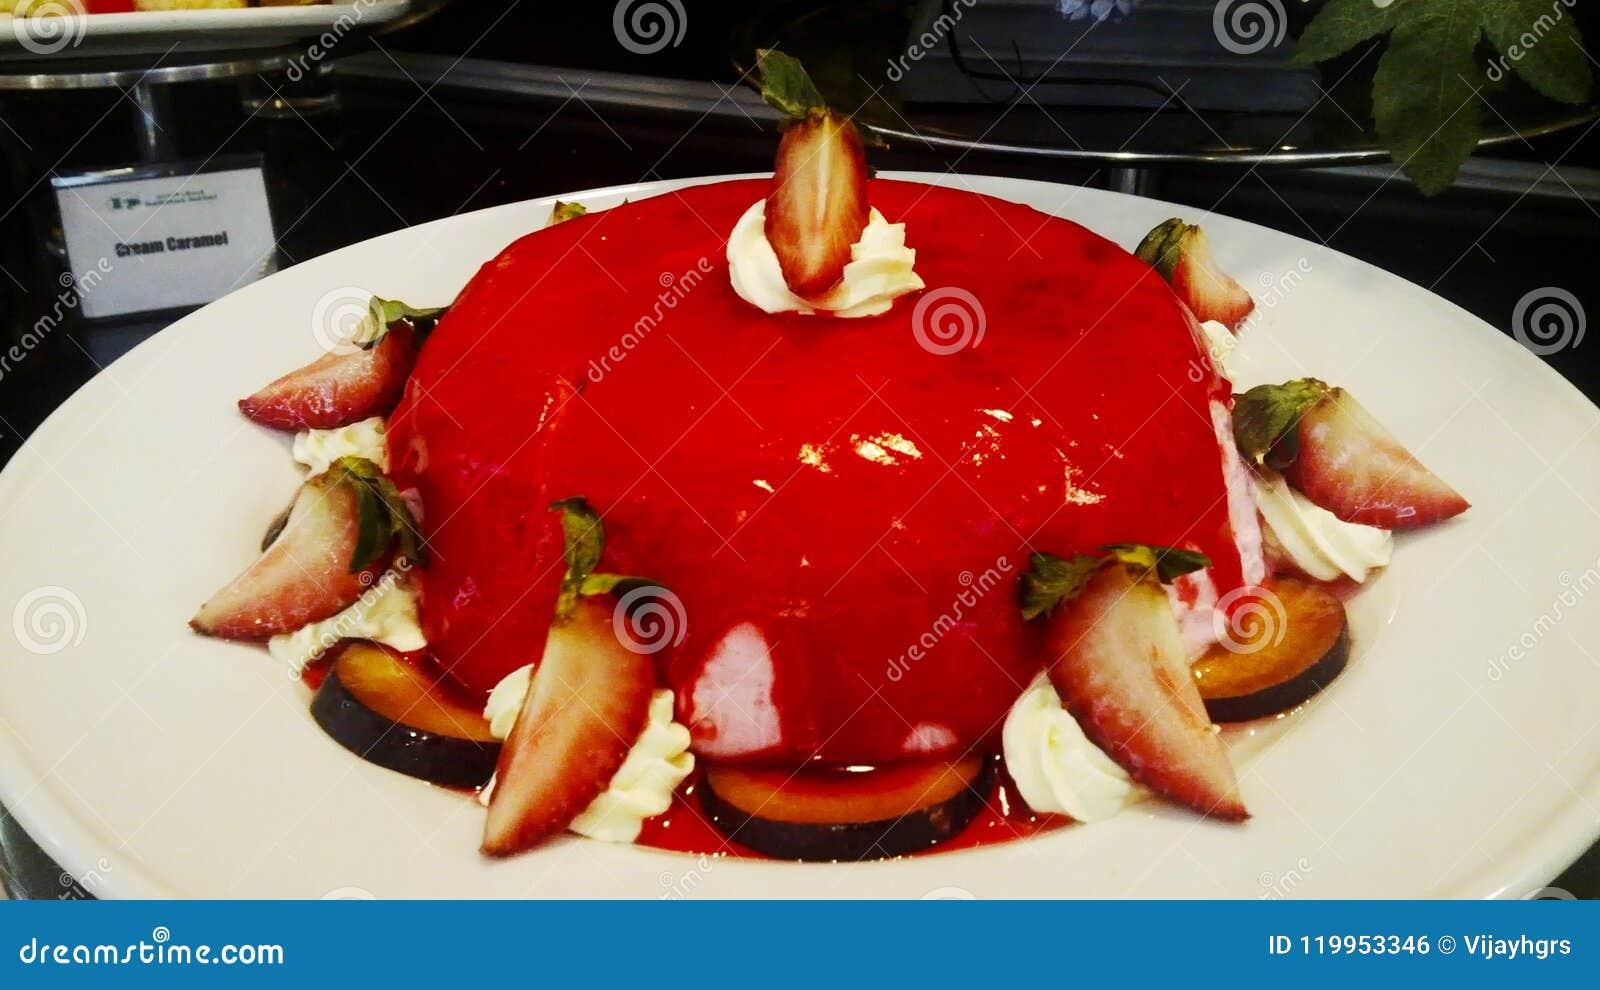 简单的可口草莓jello饼的图片